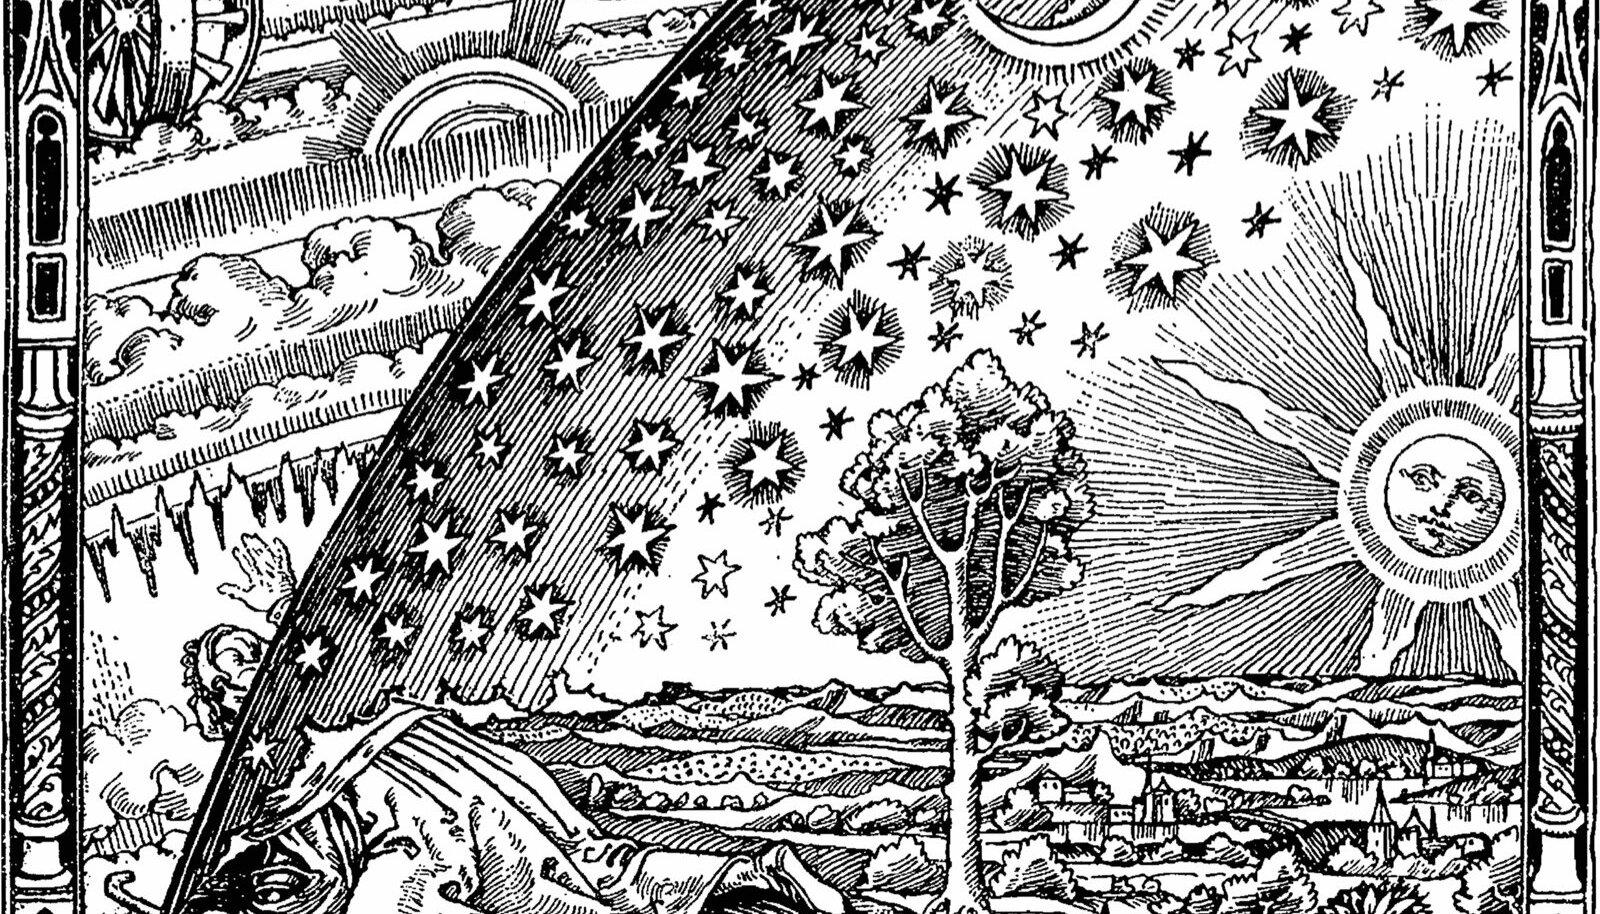 Illustratsioon: Flammarion/Wikimedia Commons